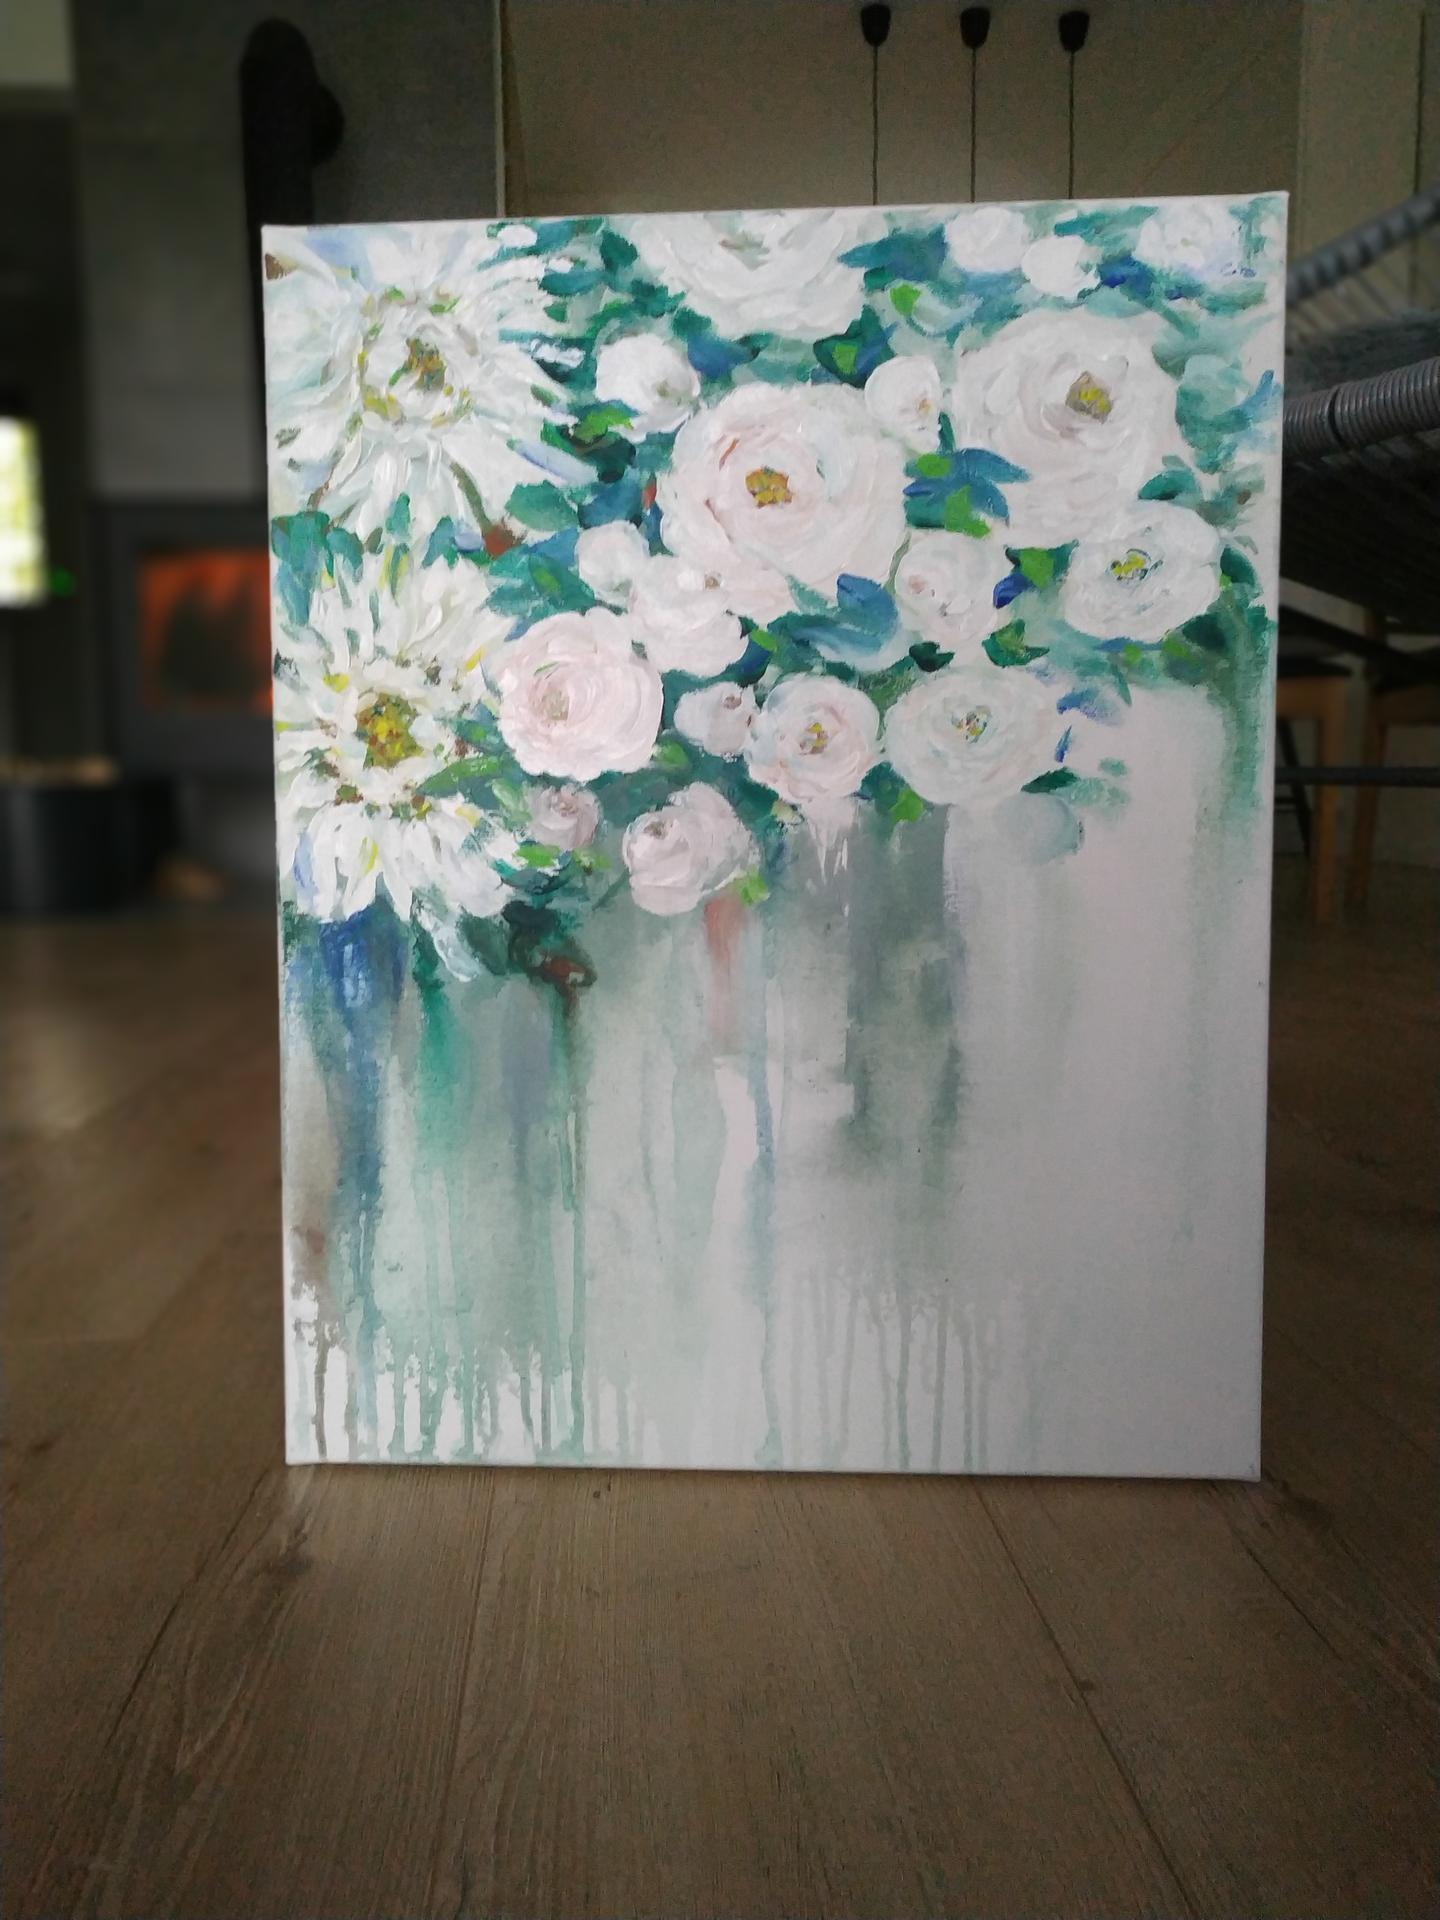 V kvetinovom záhone - Obrázok č. 1